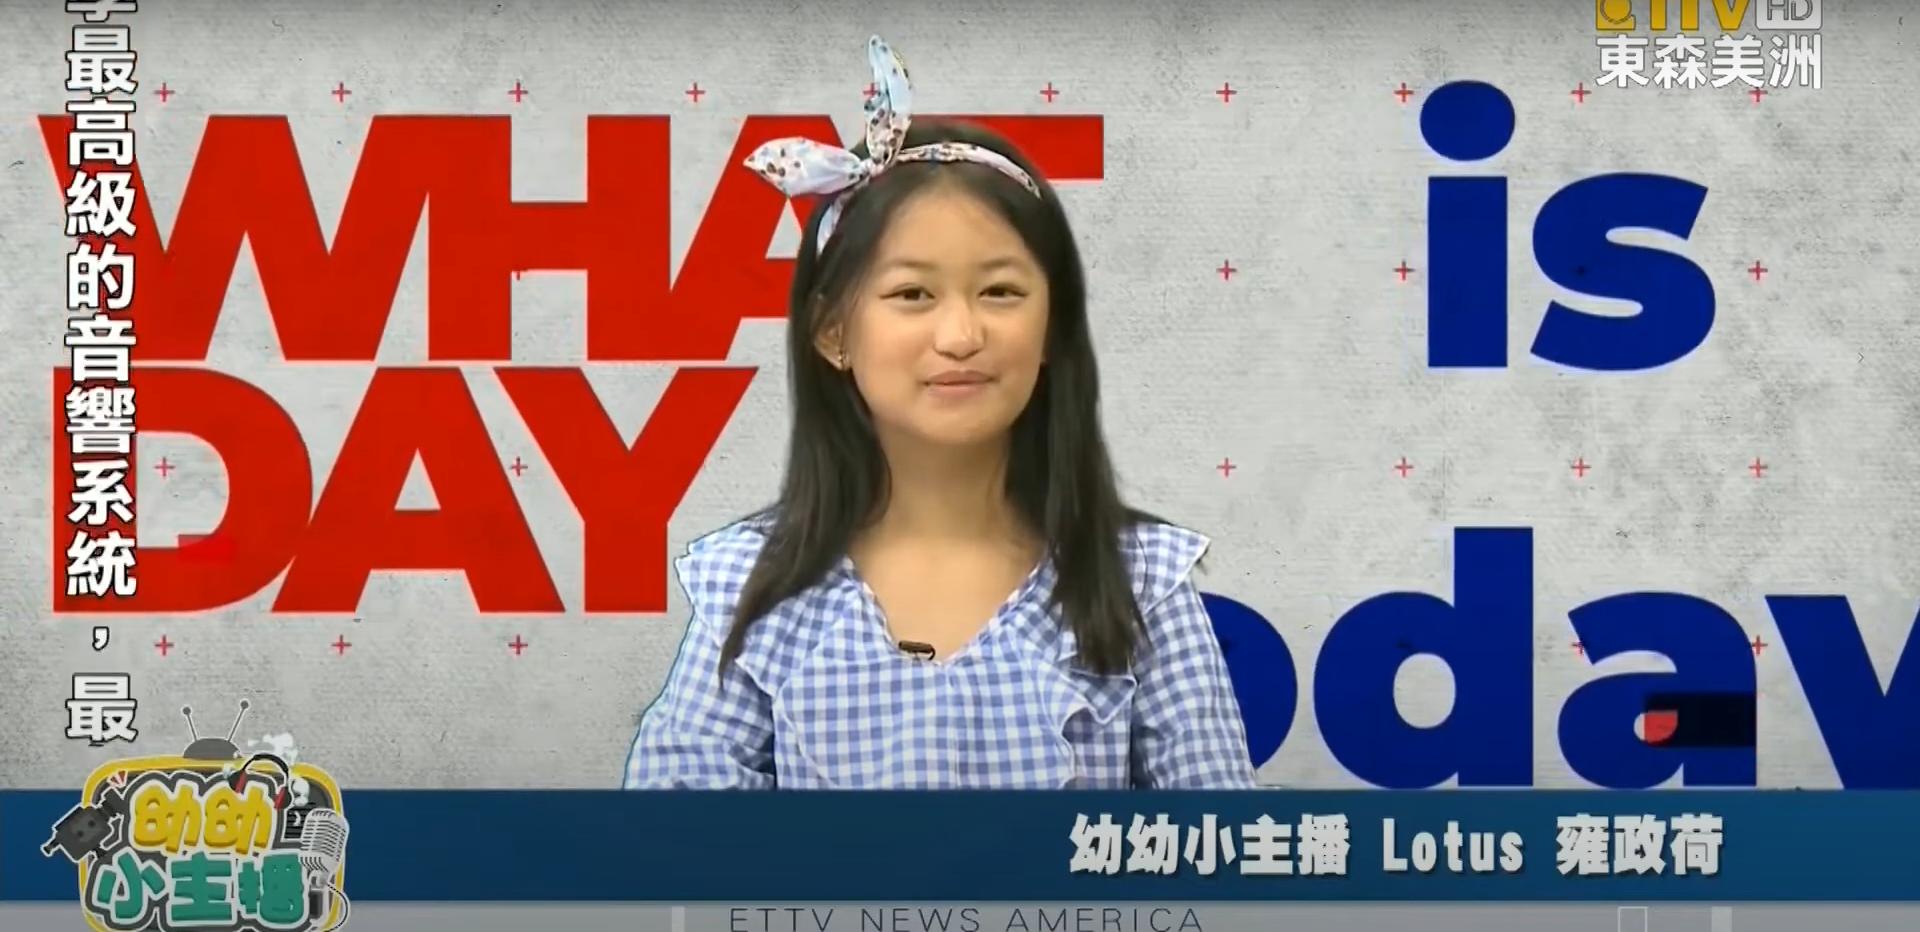 小主播Lotus:7月21日「國家熱狗日」史上最長熱狗達204公尺